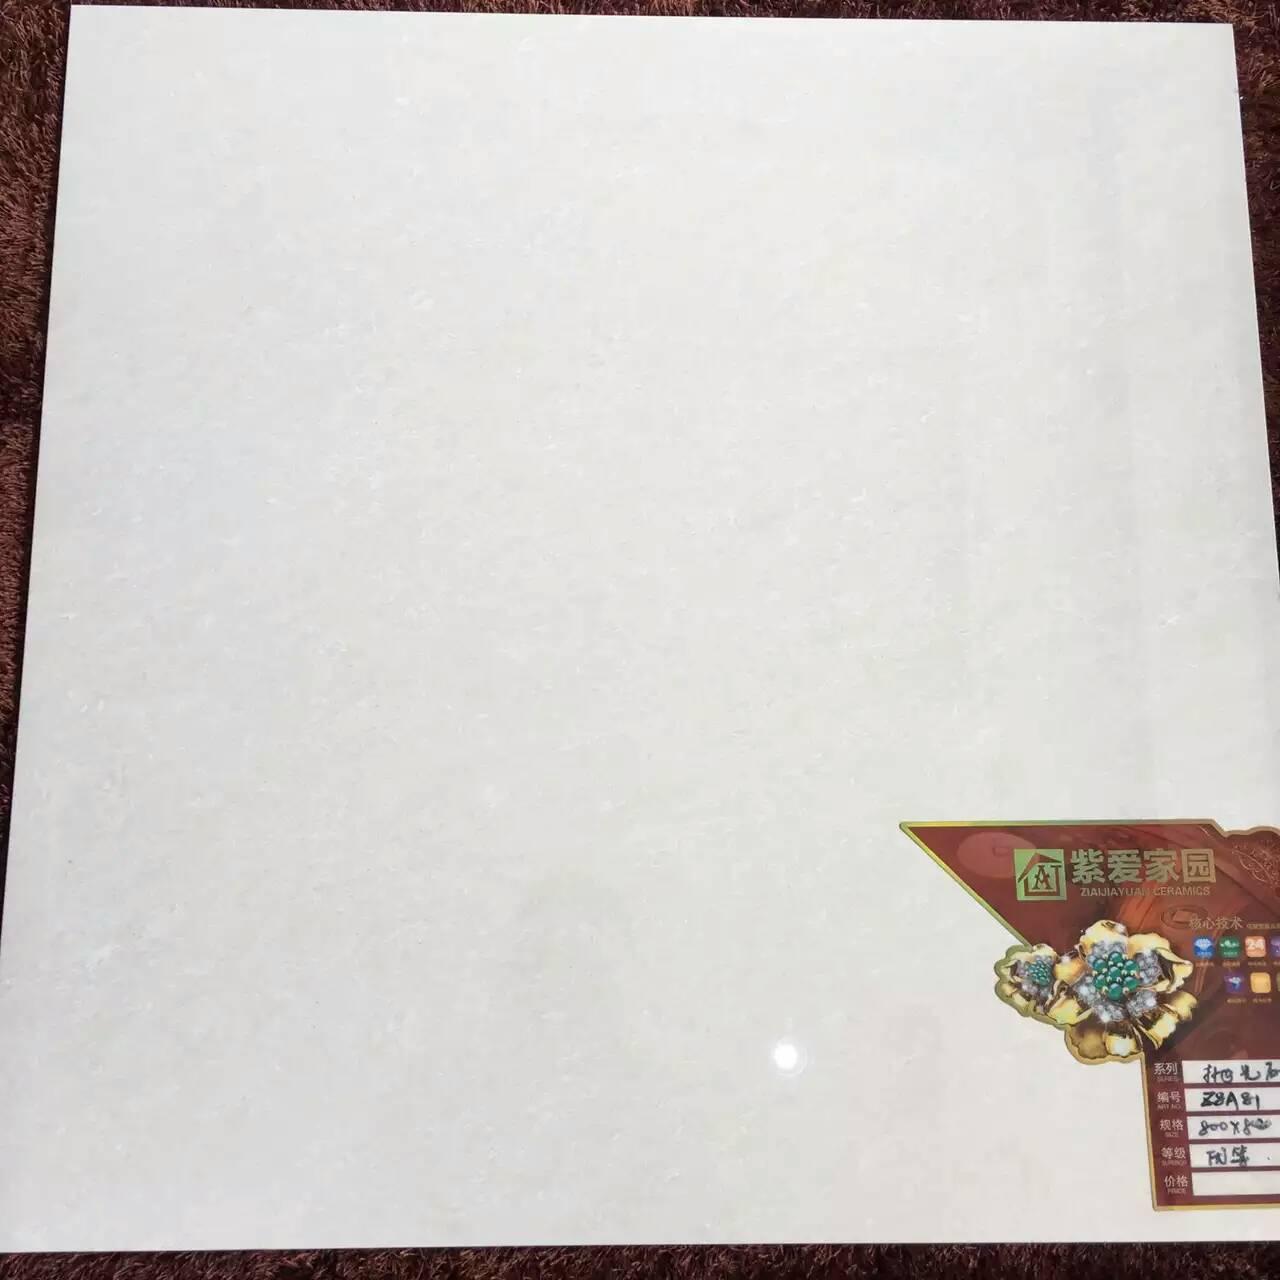 佛山紫爱家园陶瓷厂家大量排产800抛光砖白、黄聚晶、质量优、工程价出